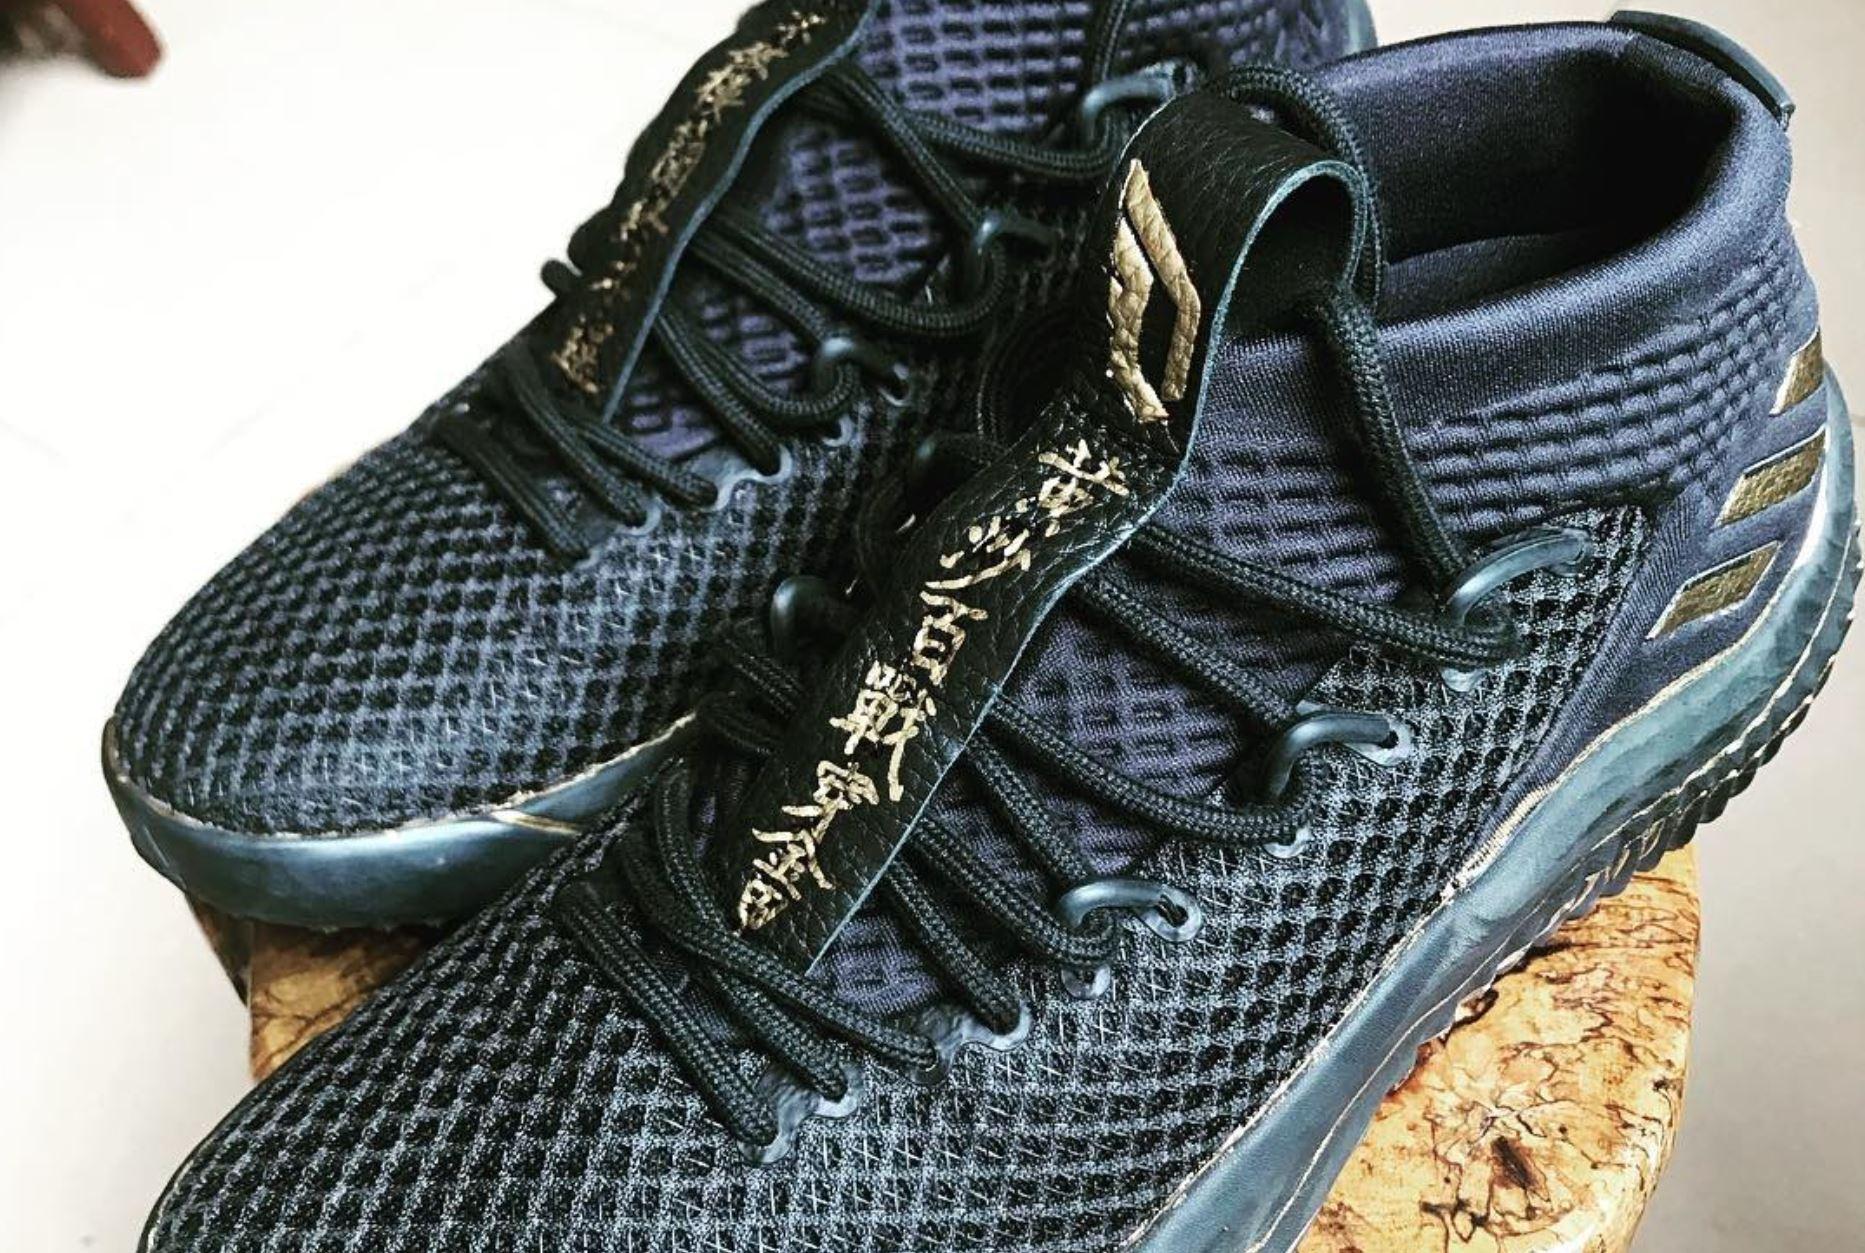 adidas dame 4 gold black